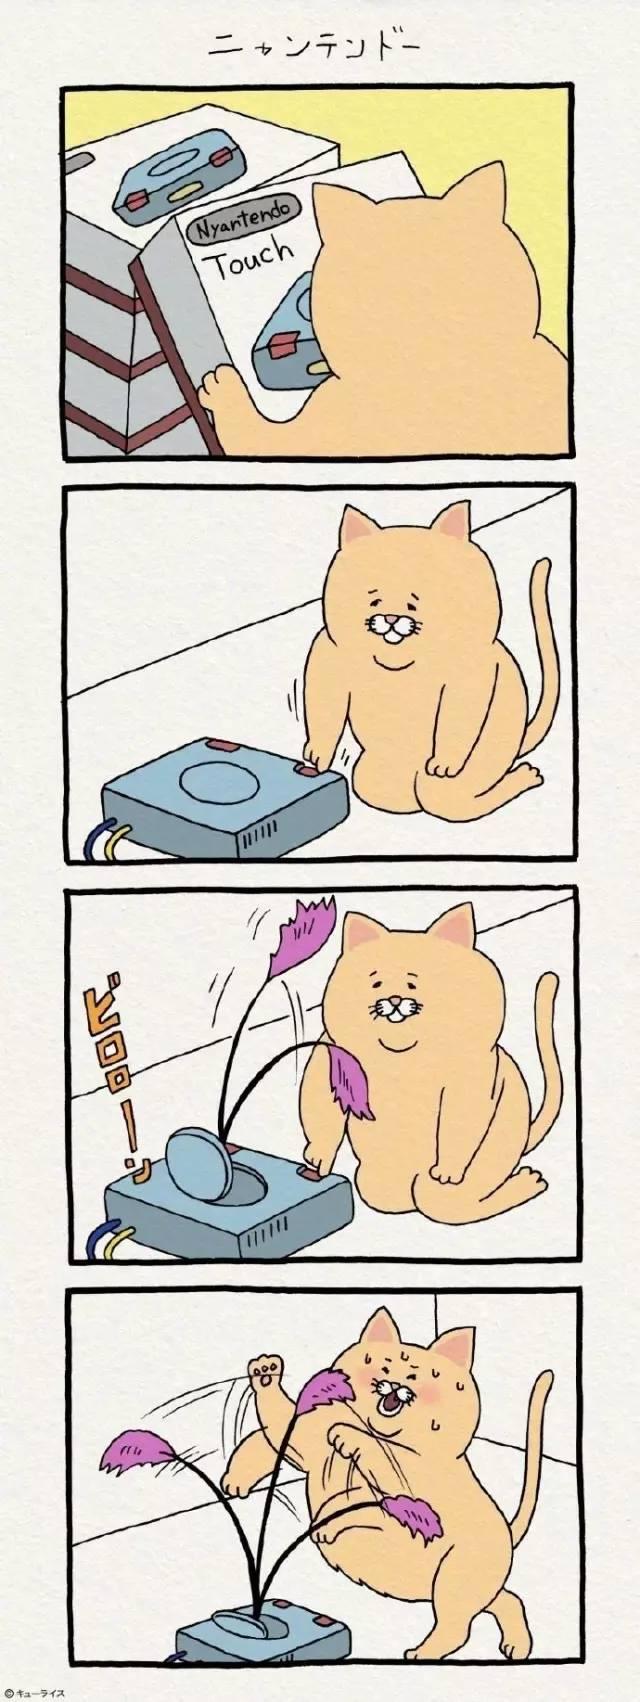 瘦猫图片大全可爱卡通